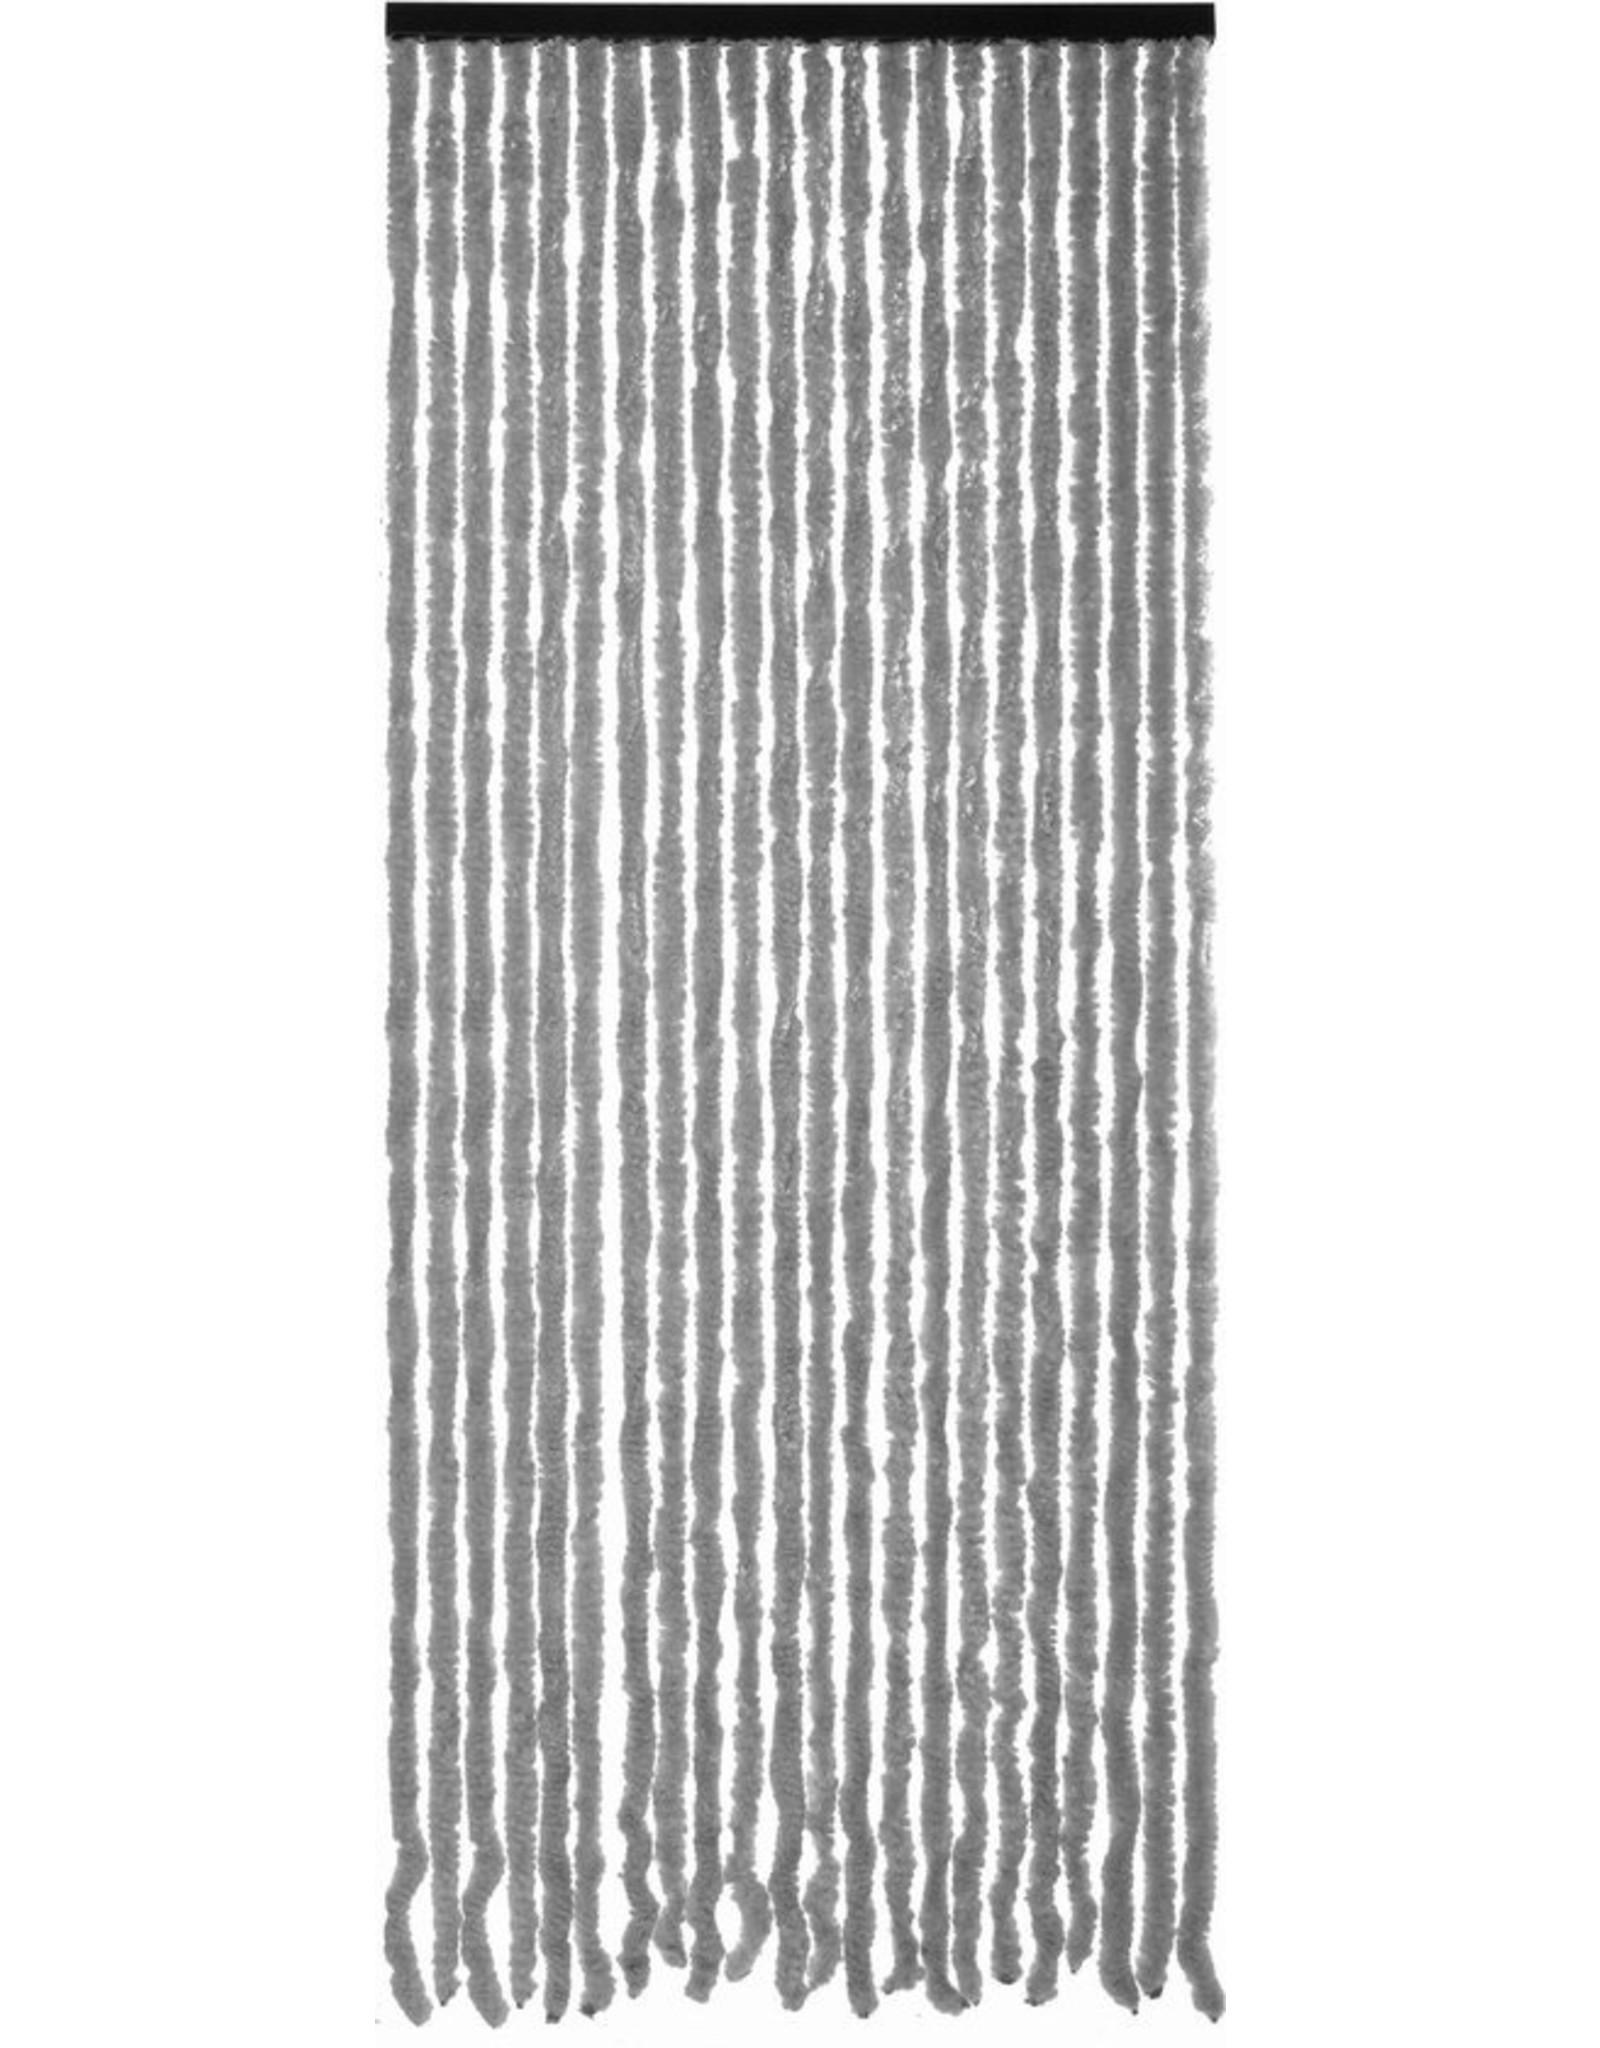 Cortenda kattenstaart vliegengordijn - grijs/wit gemeleerd - 90x220cm